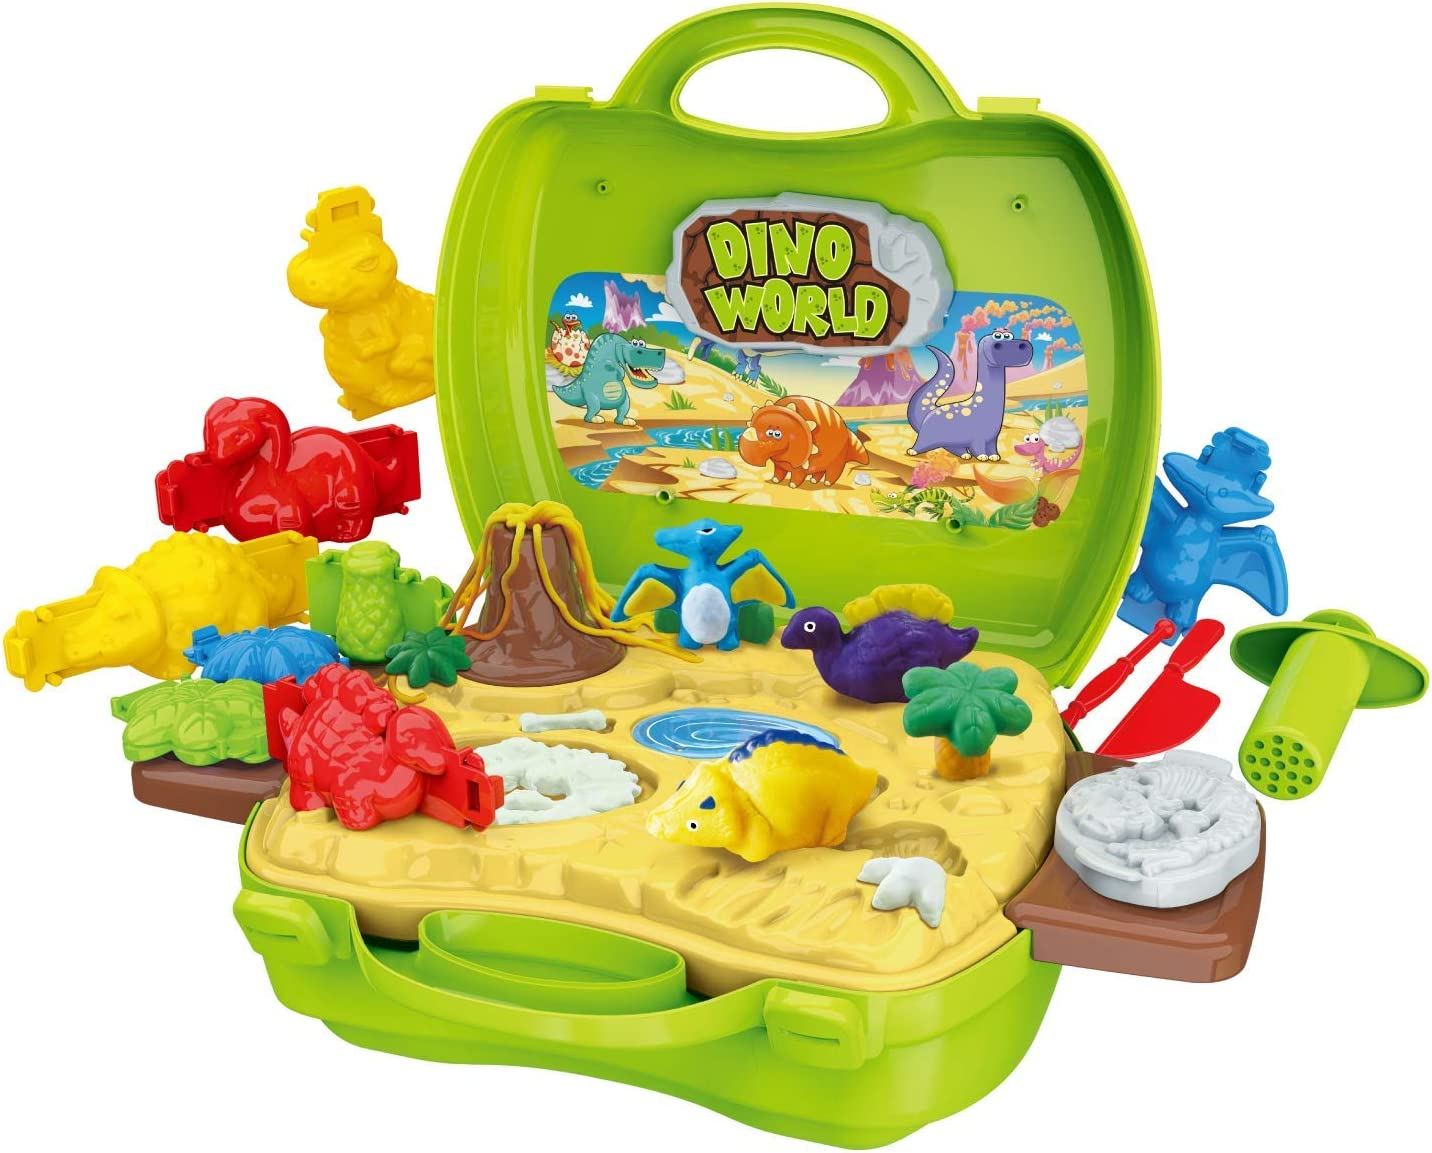 Christoy Dinosaur Toys Set 26 Fashion Pieces Dou Toxic Kids Safe Non supreme for